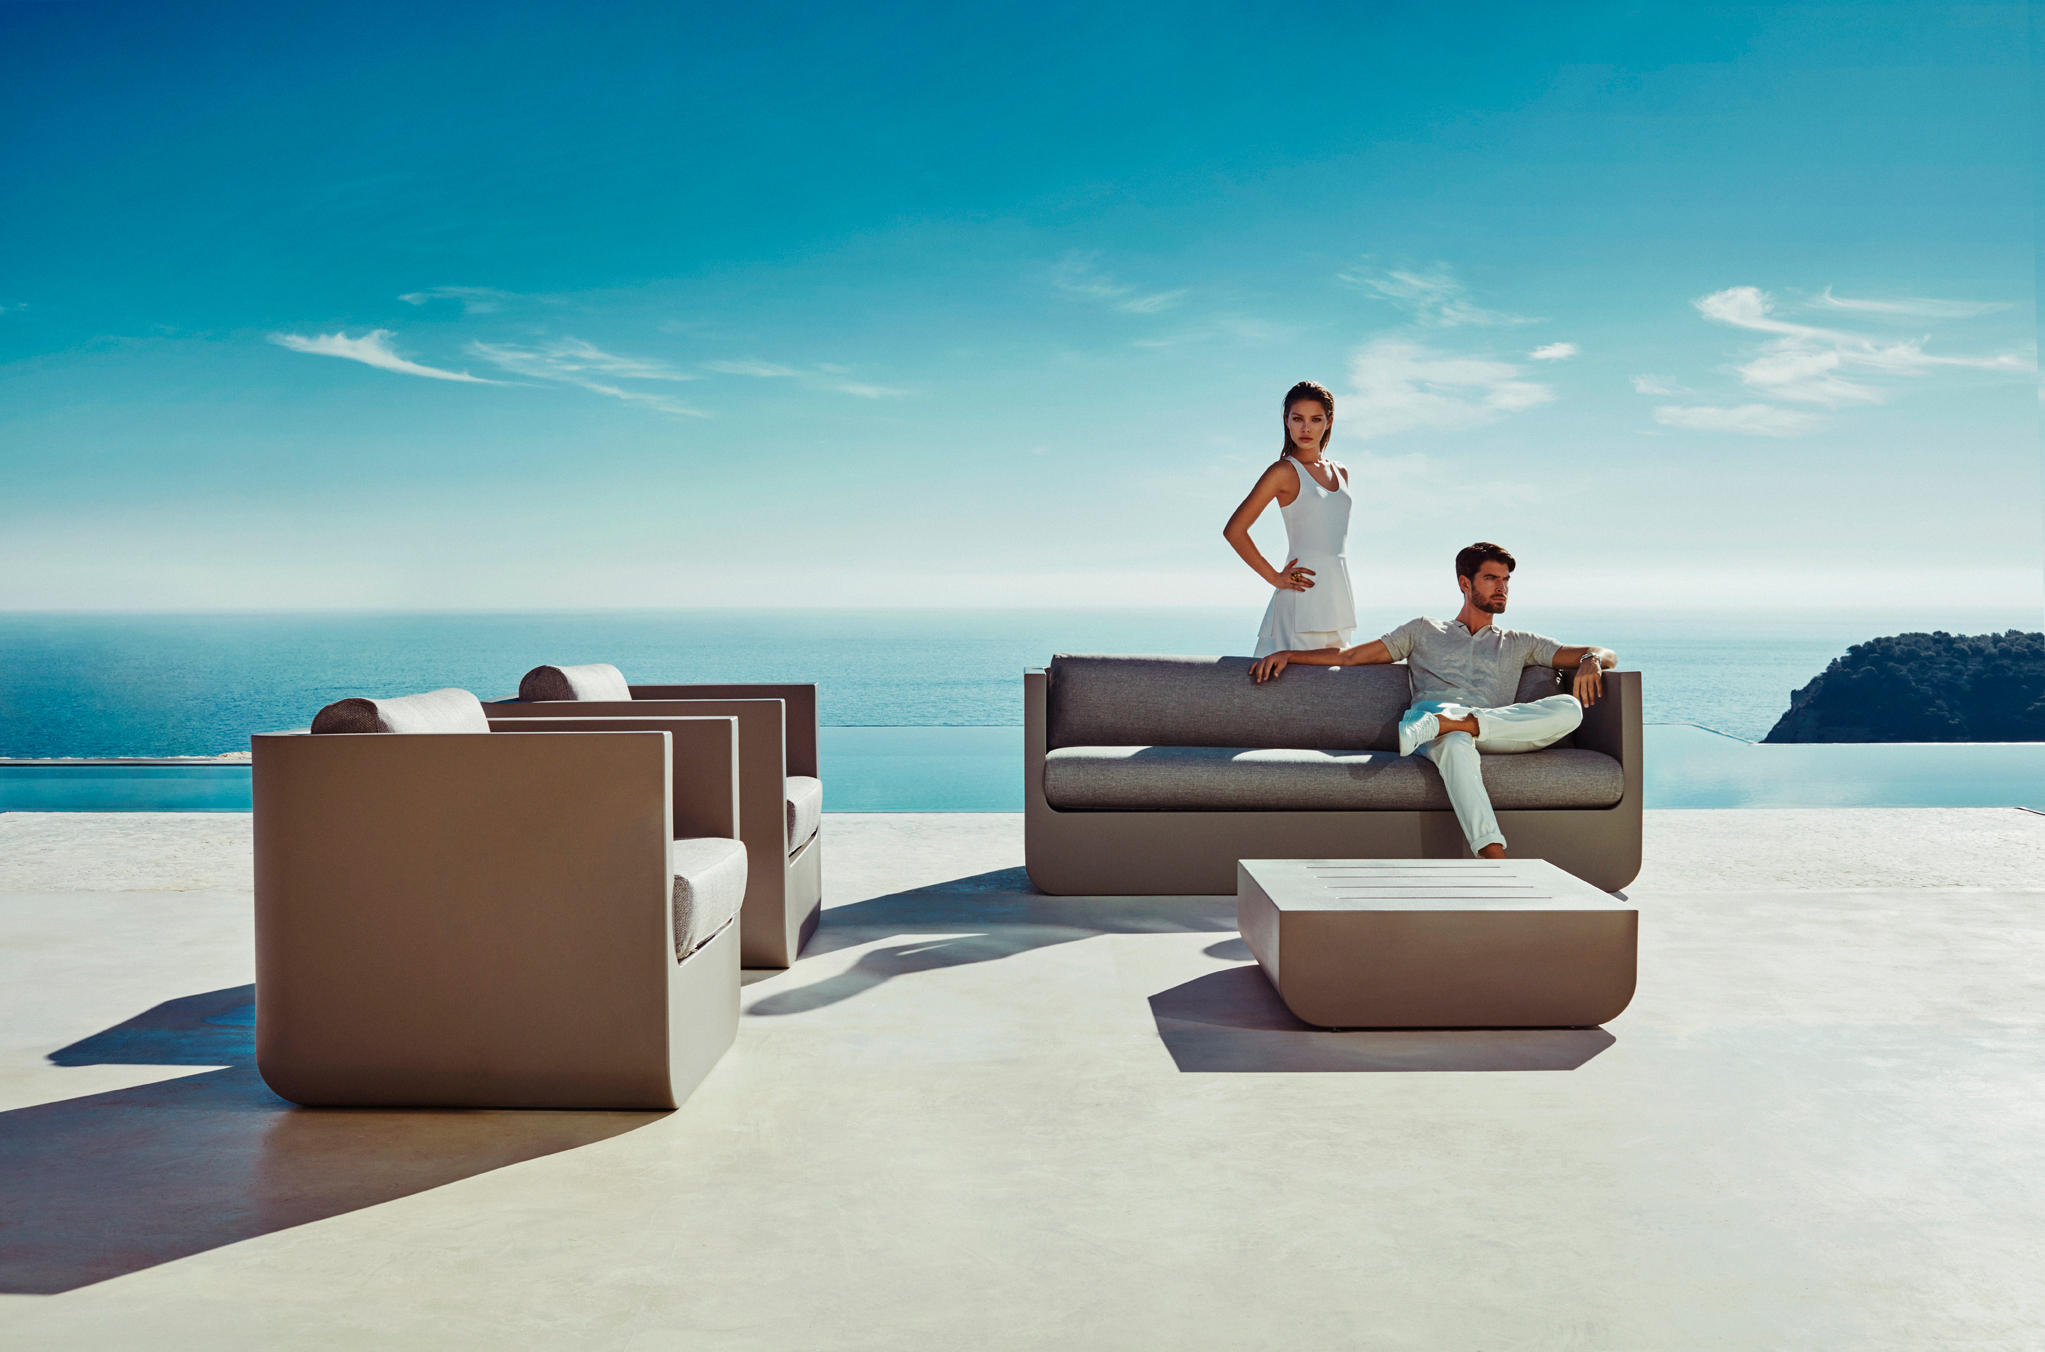 Ulm lounge chair by vondom · ulm lounge chair by vondom